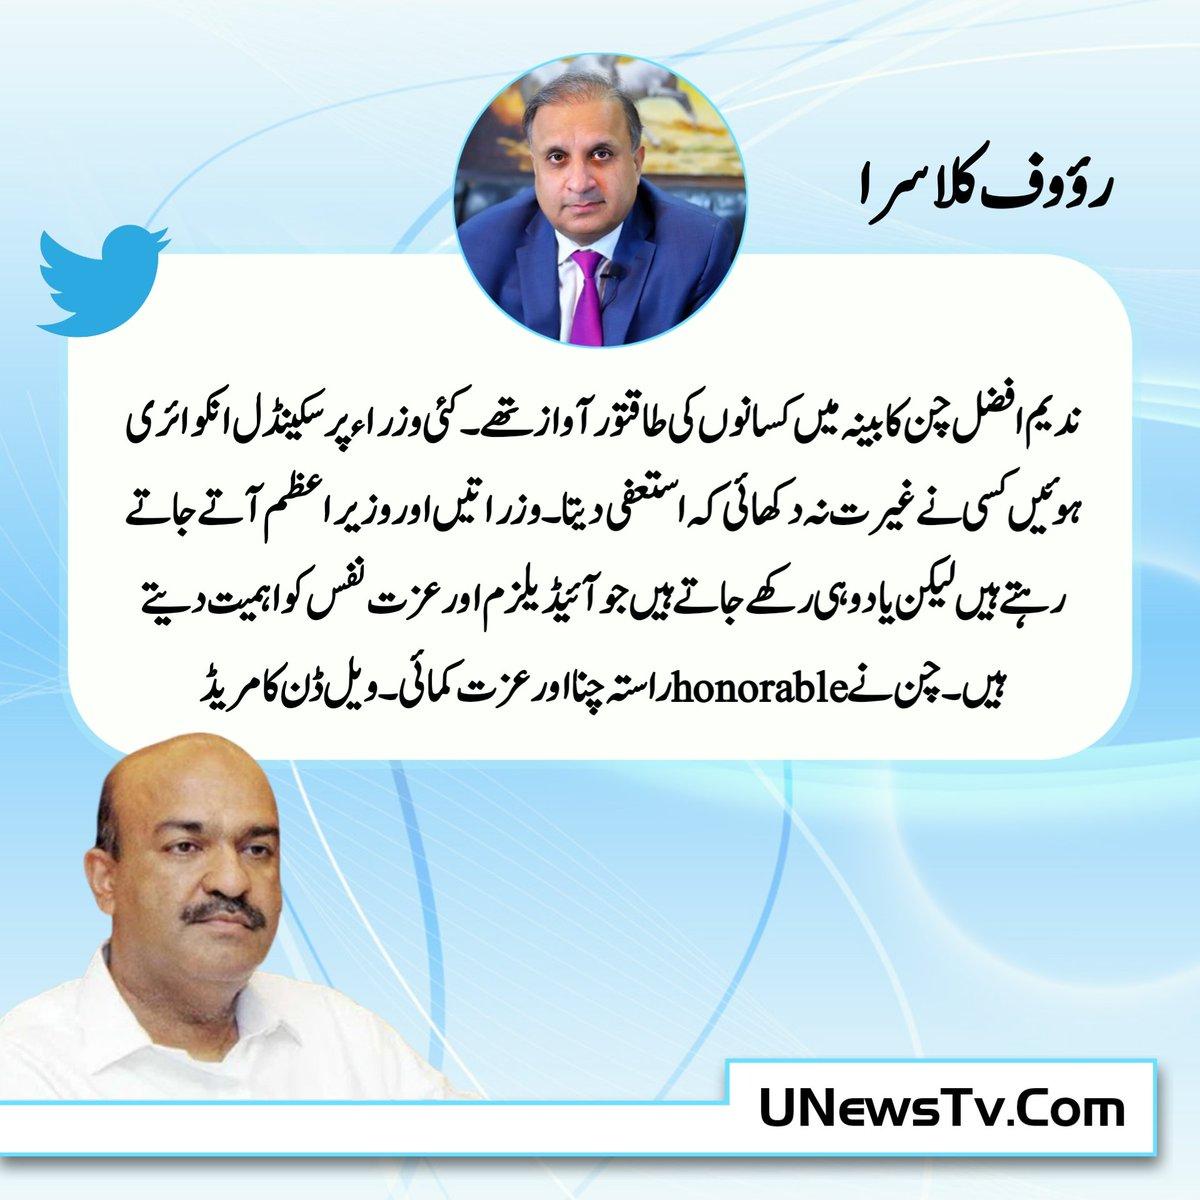 #Nadeemafzalchan @NadeemAfzalChan